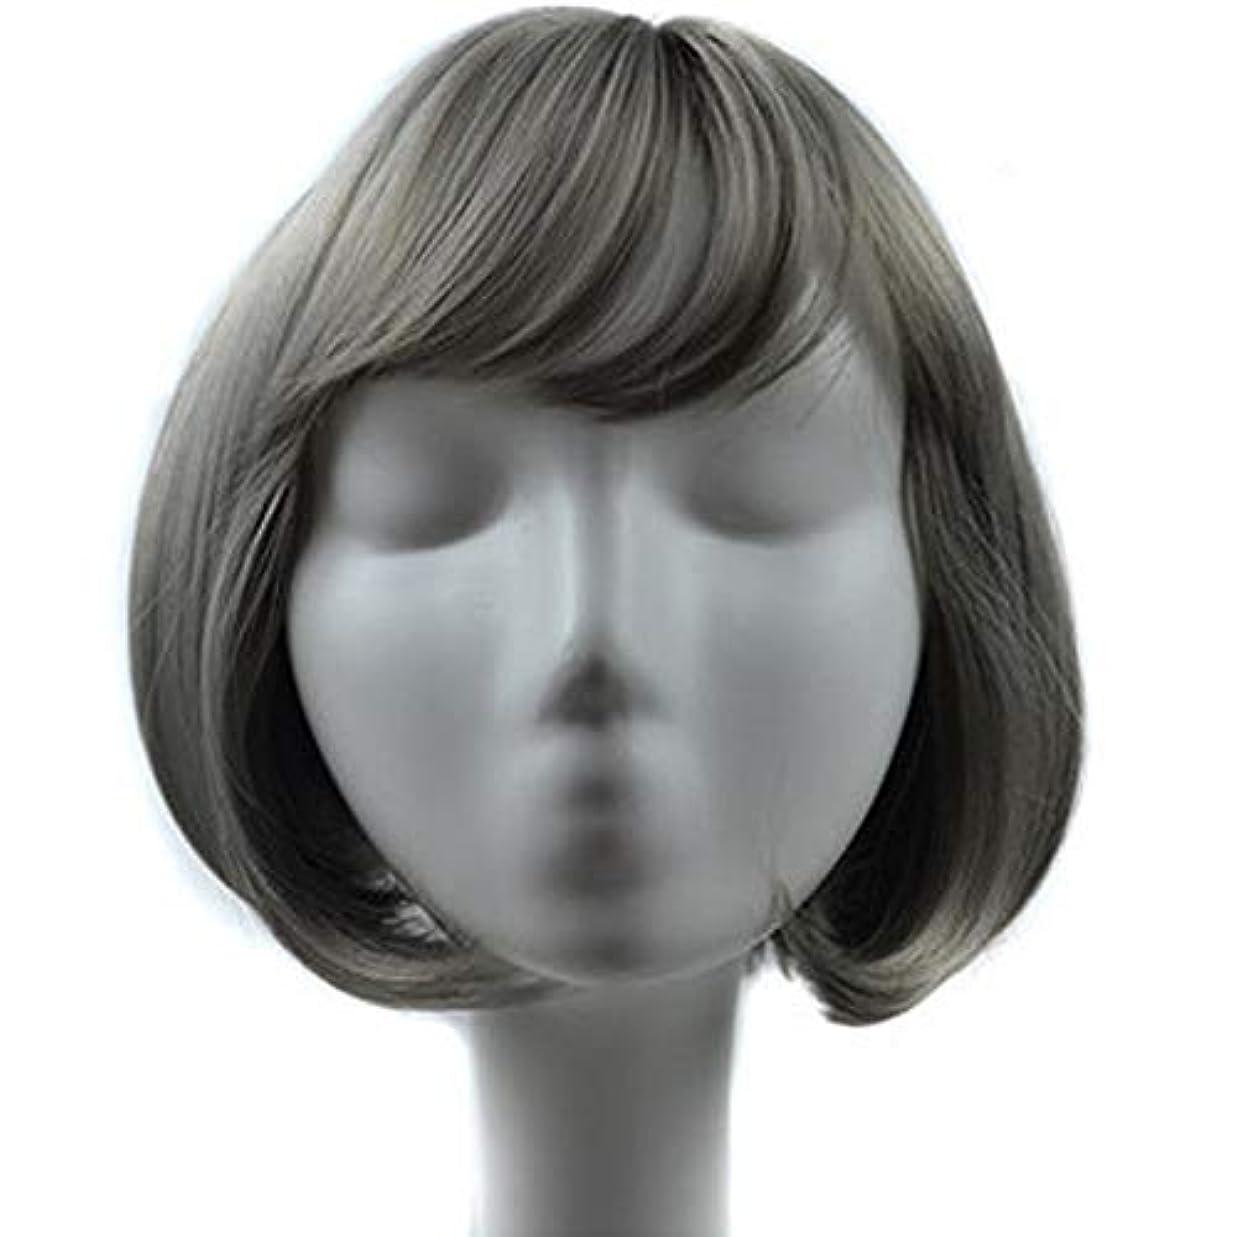 学校教育学校の先生パラメータLazayyii女子 かつら エアバン 天然のリアル ヘア前髪エアバンボボヘッドナシウィッグ (グレー)